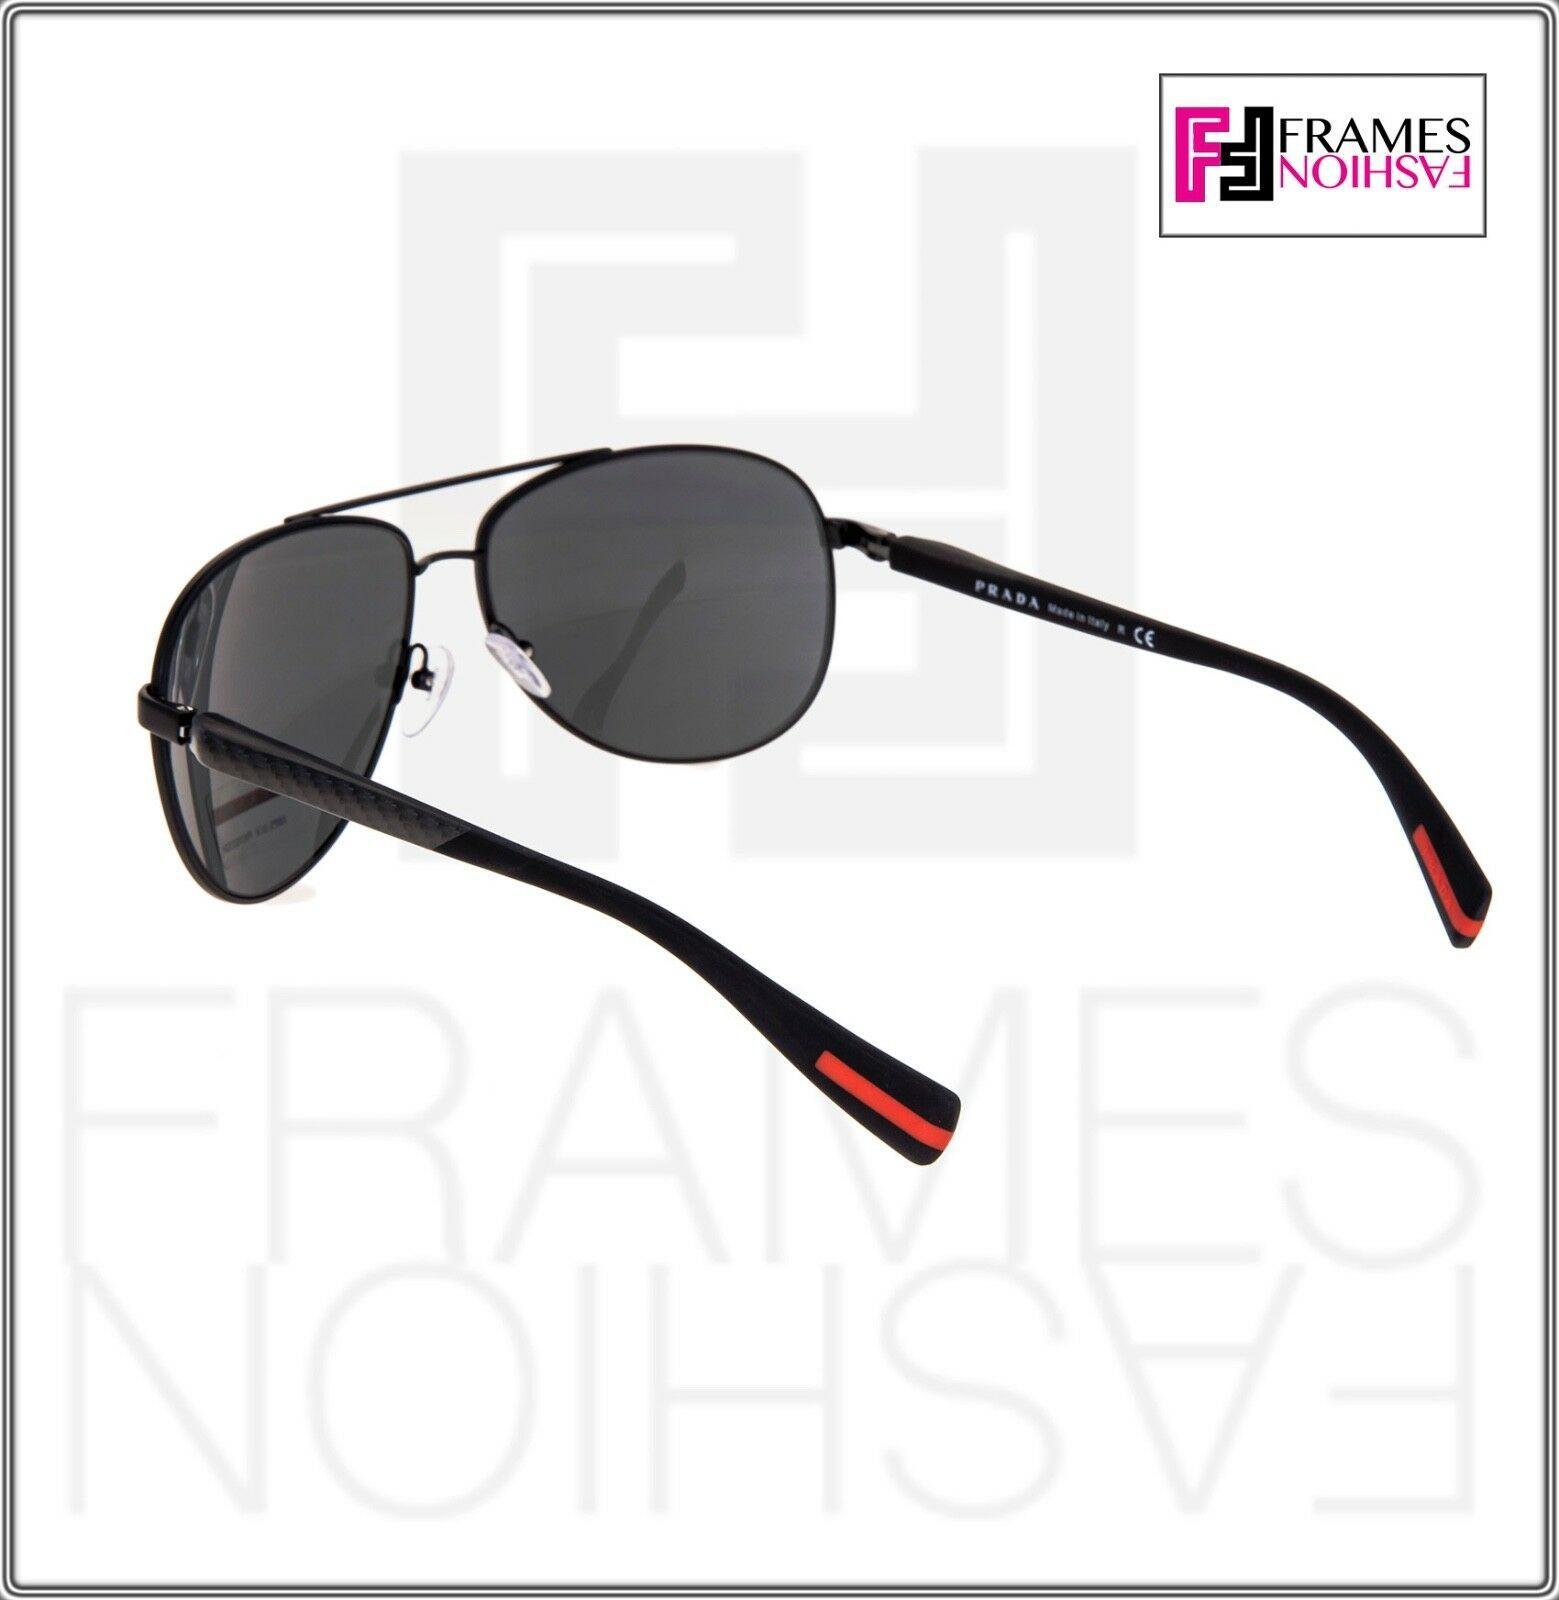 PRADA LINEA ROSSA NETEX PS51OS Black Aviator Sport Sunglasses SPS 51O Men image 3